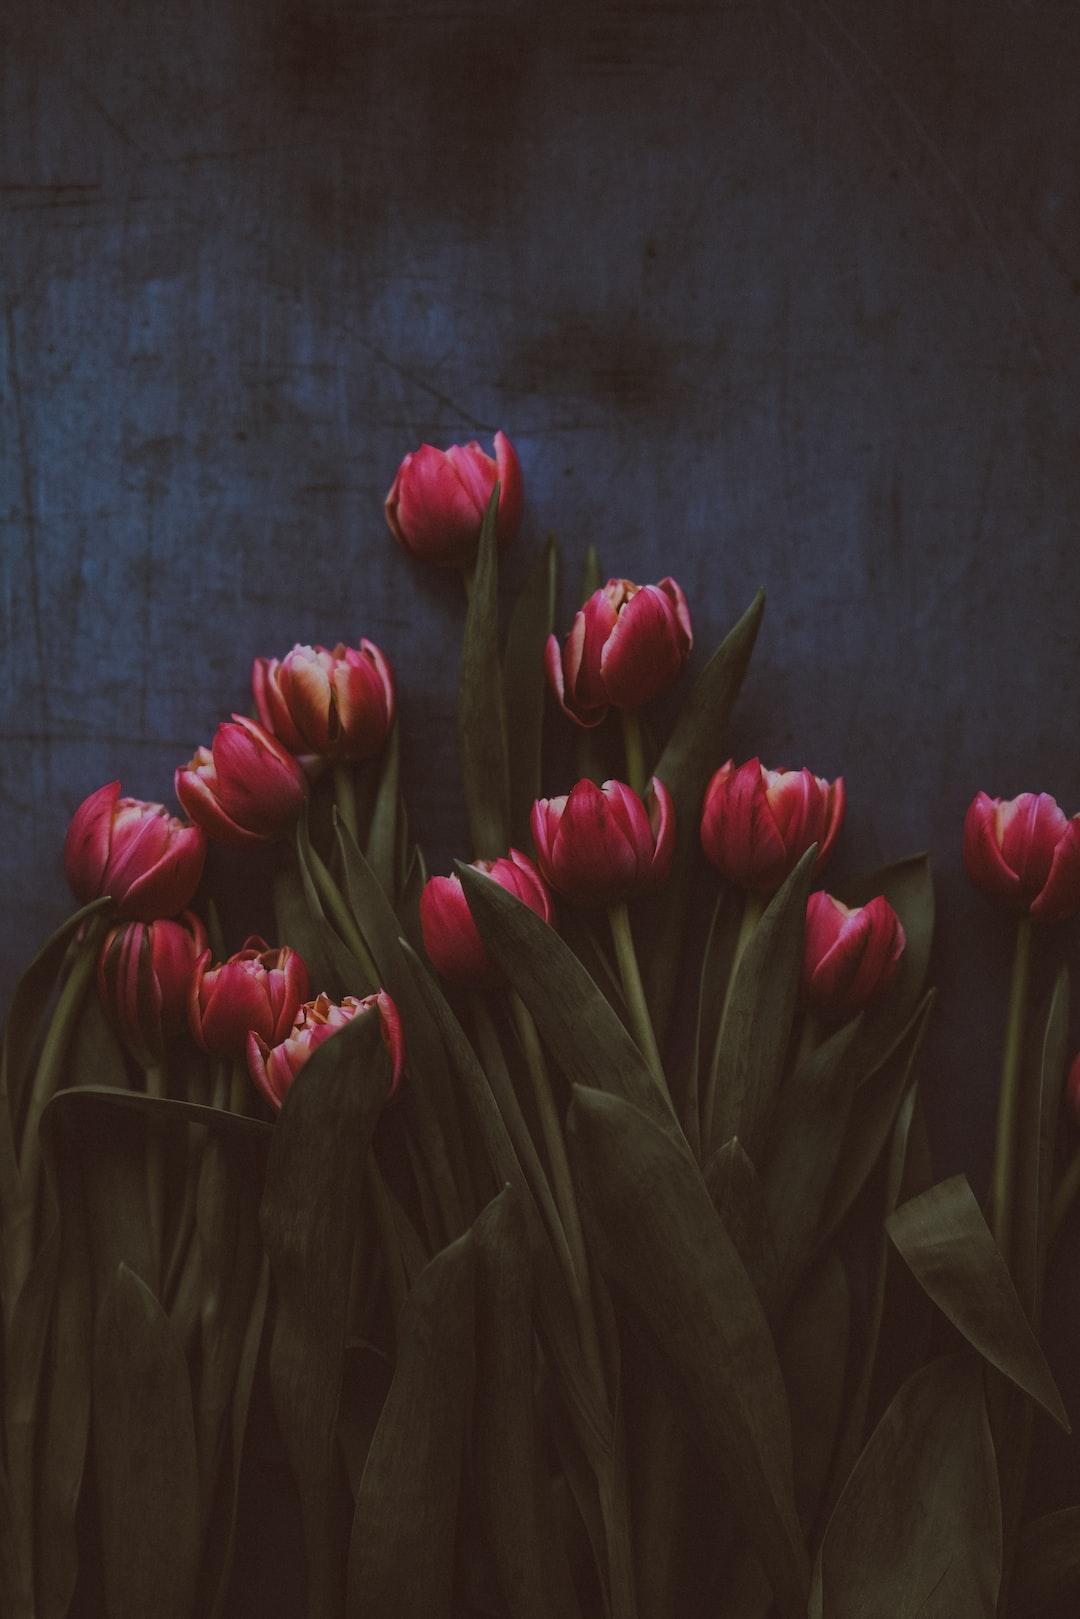 Tulips on dark background